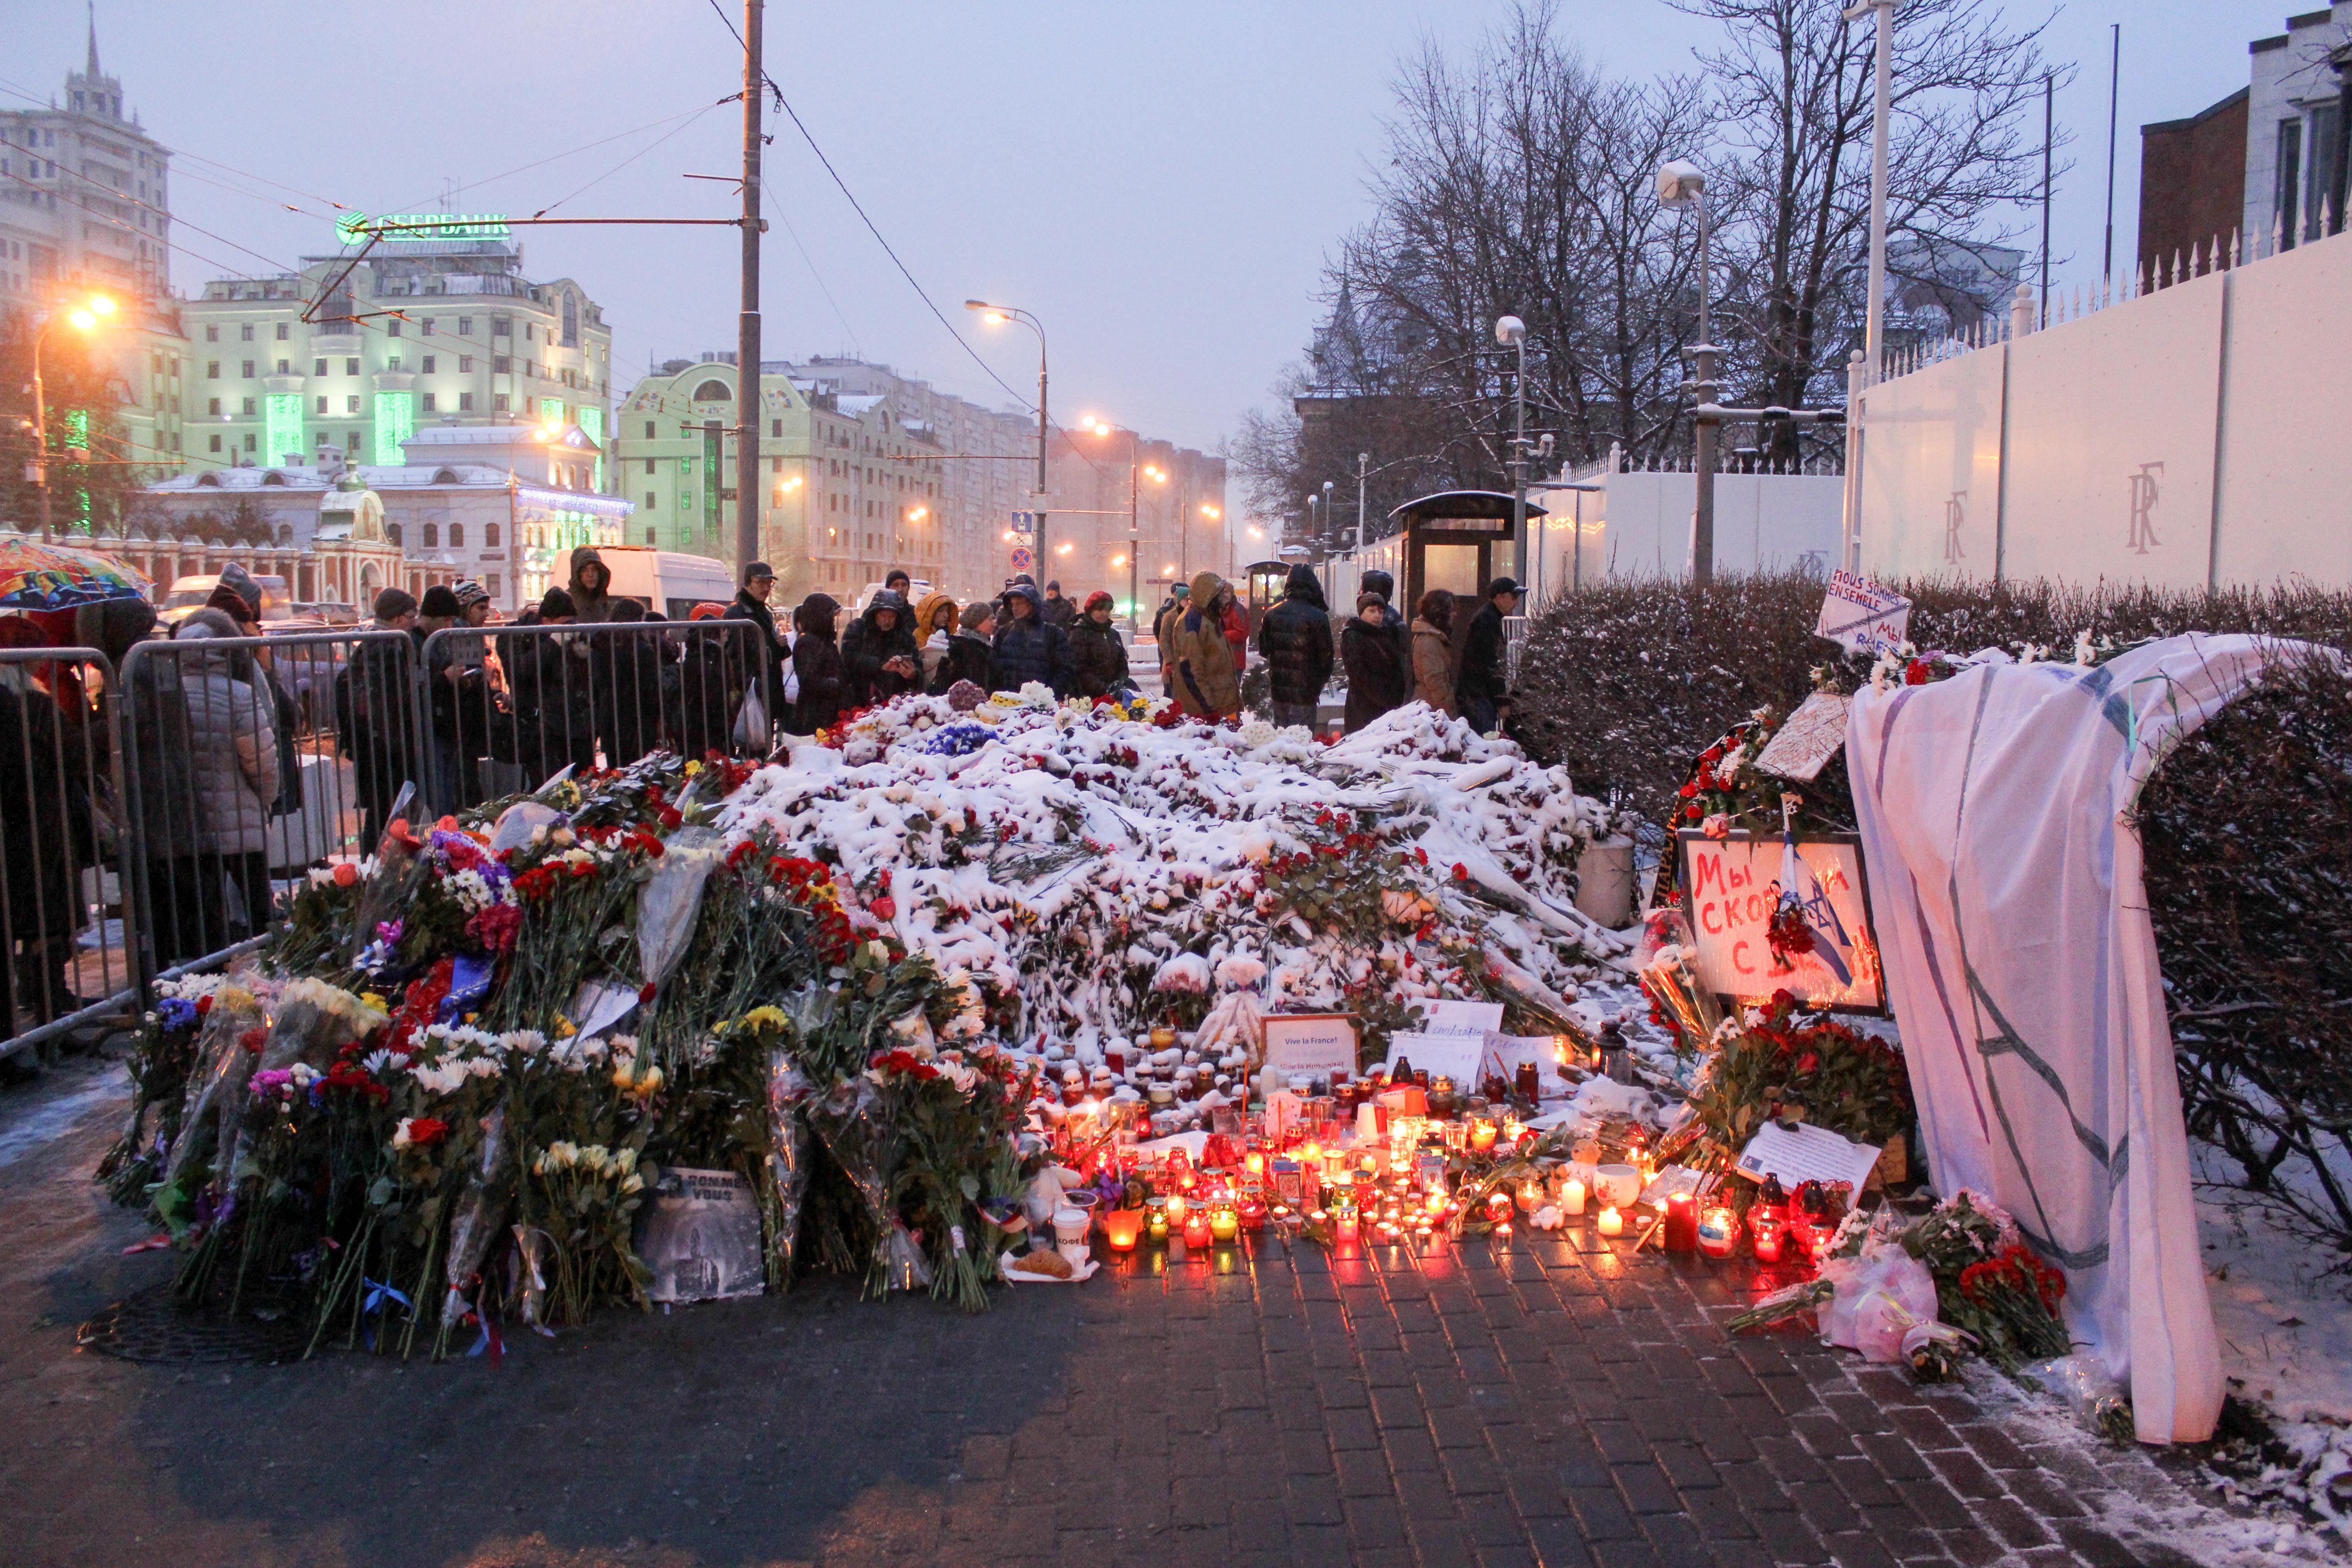 Paris Remembrance